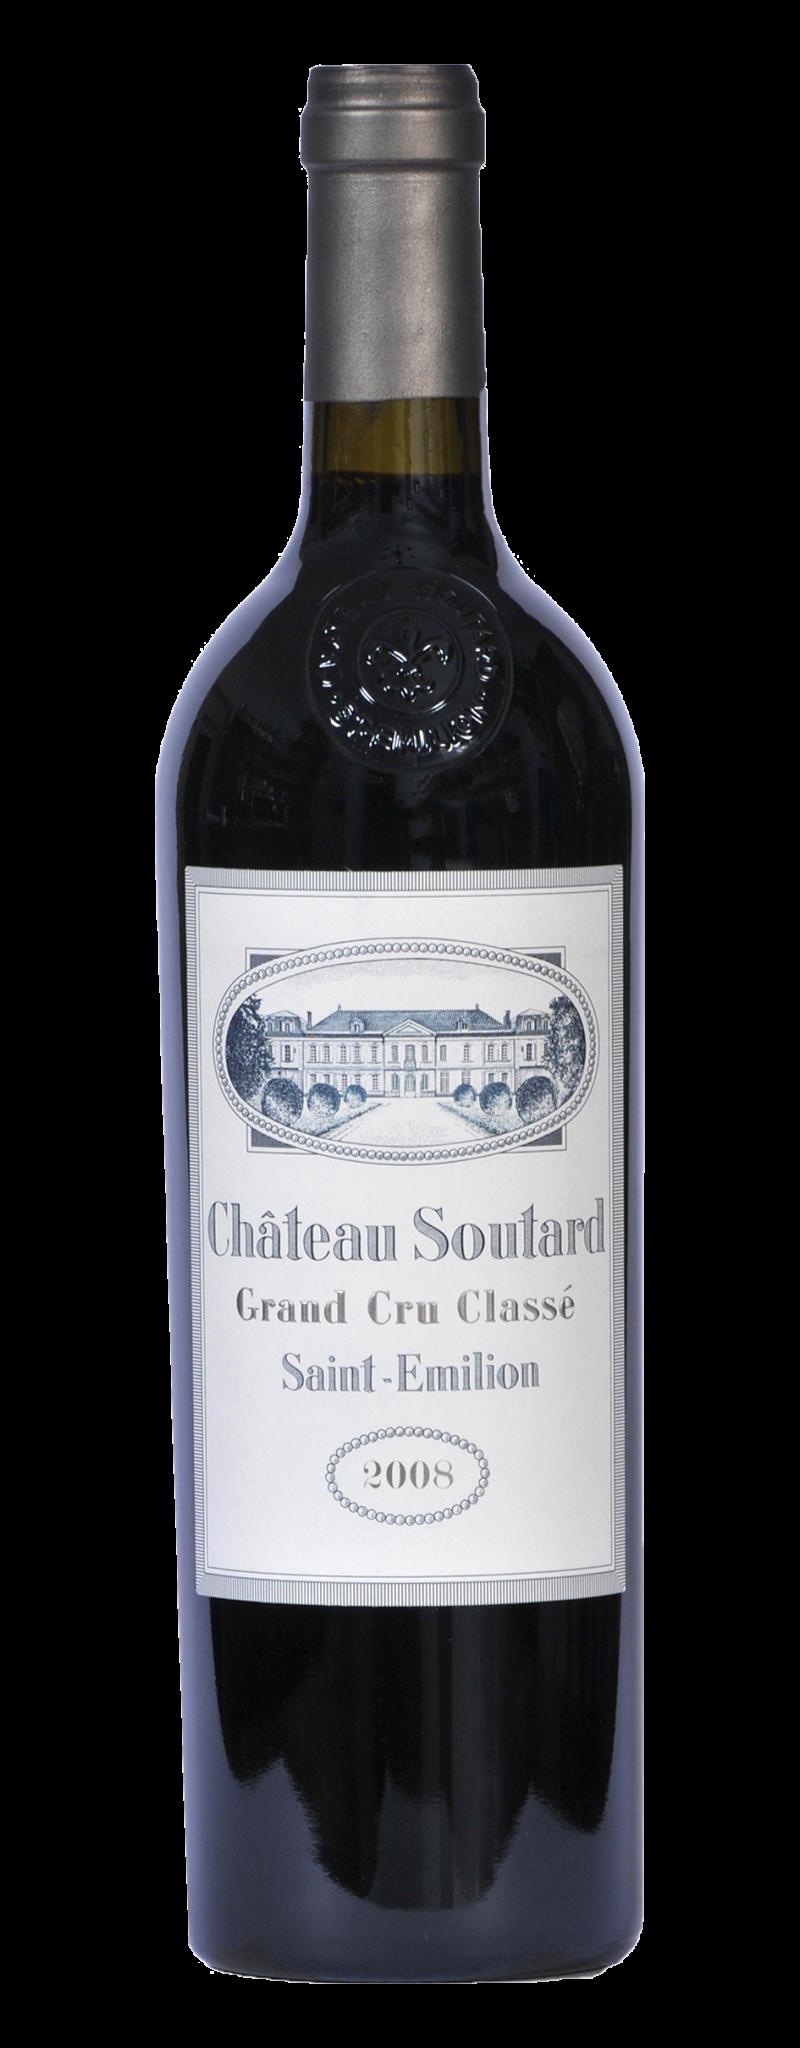 Château Soutard - Saint-Émilion  - 750ml